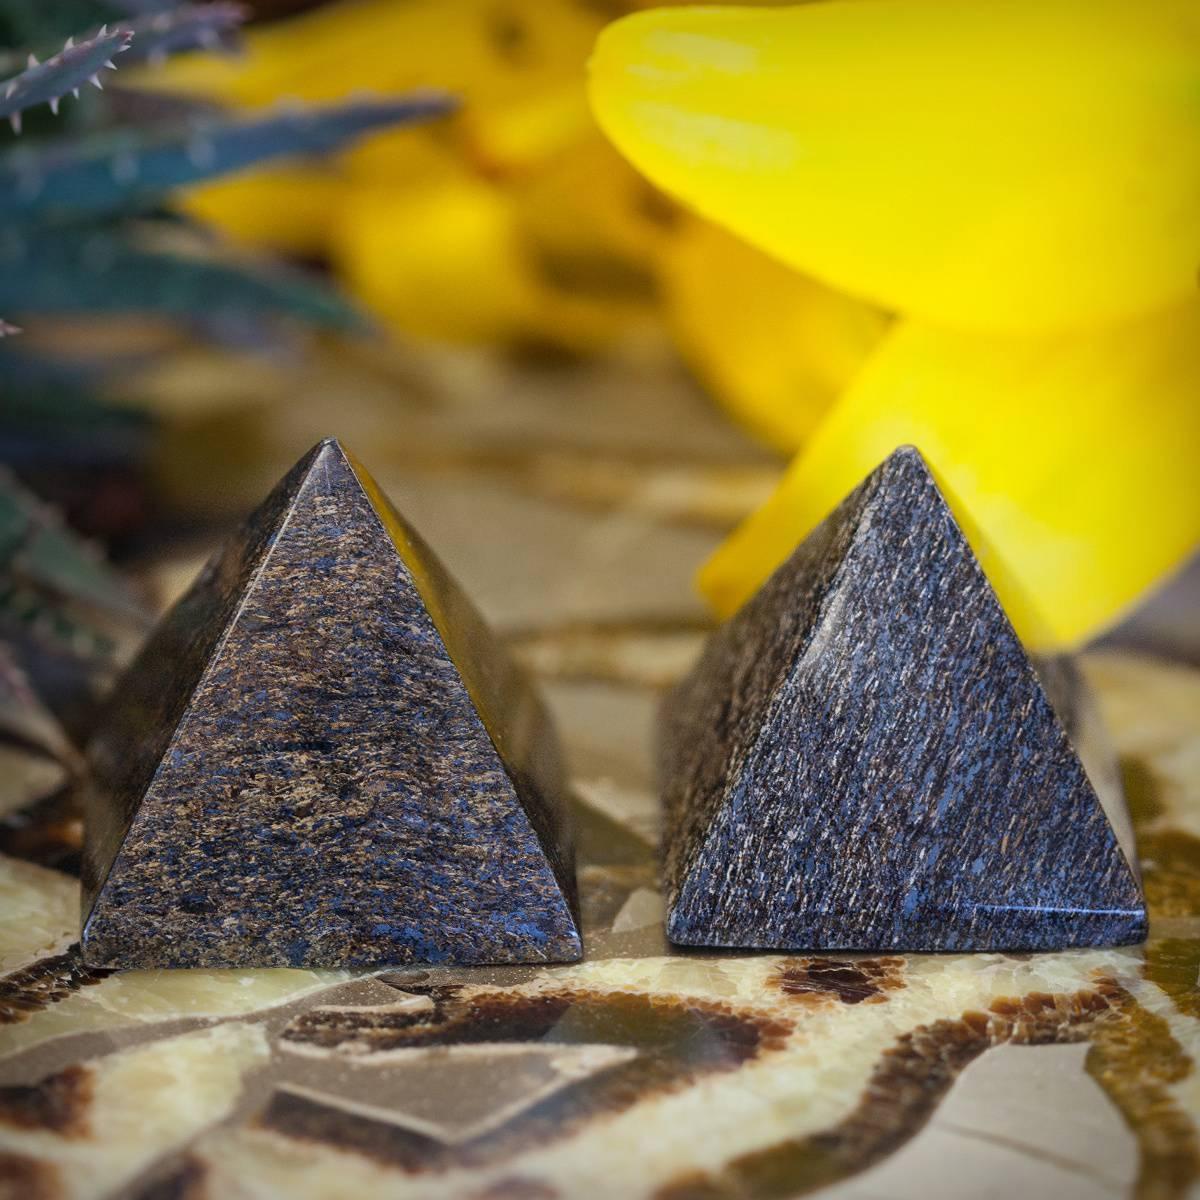 Bronzite_Pyramid_1of2_7_17